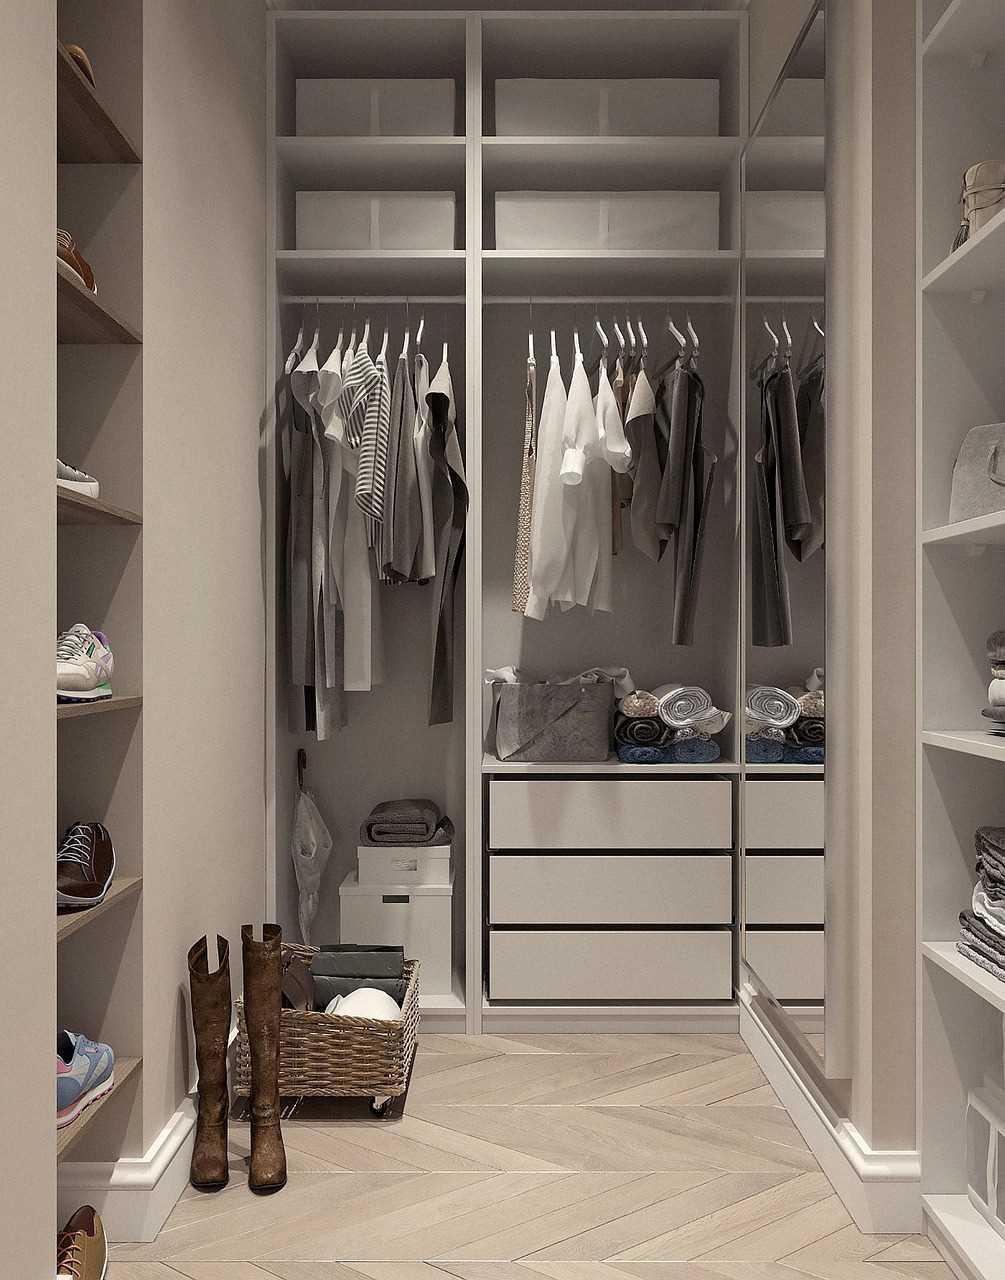 כך תעצבו את ארון הבגדים הפרטי שלכם